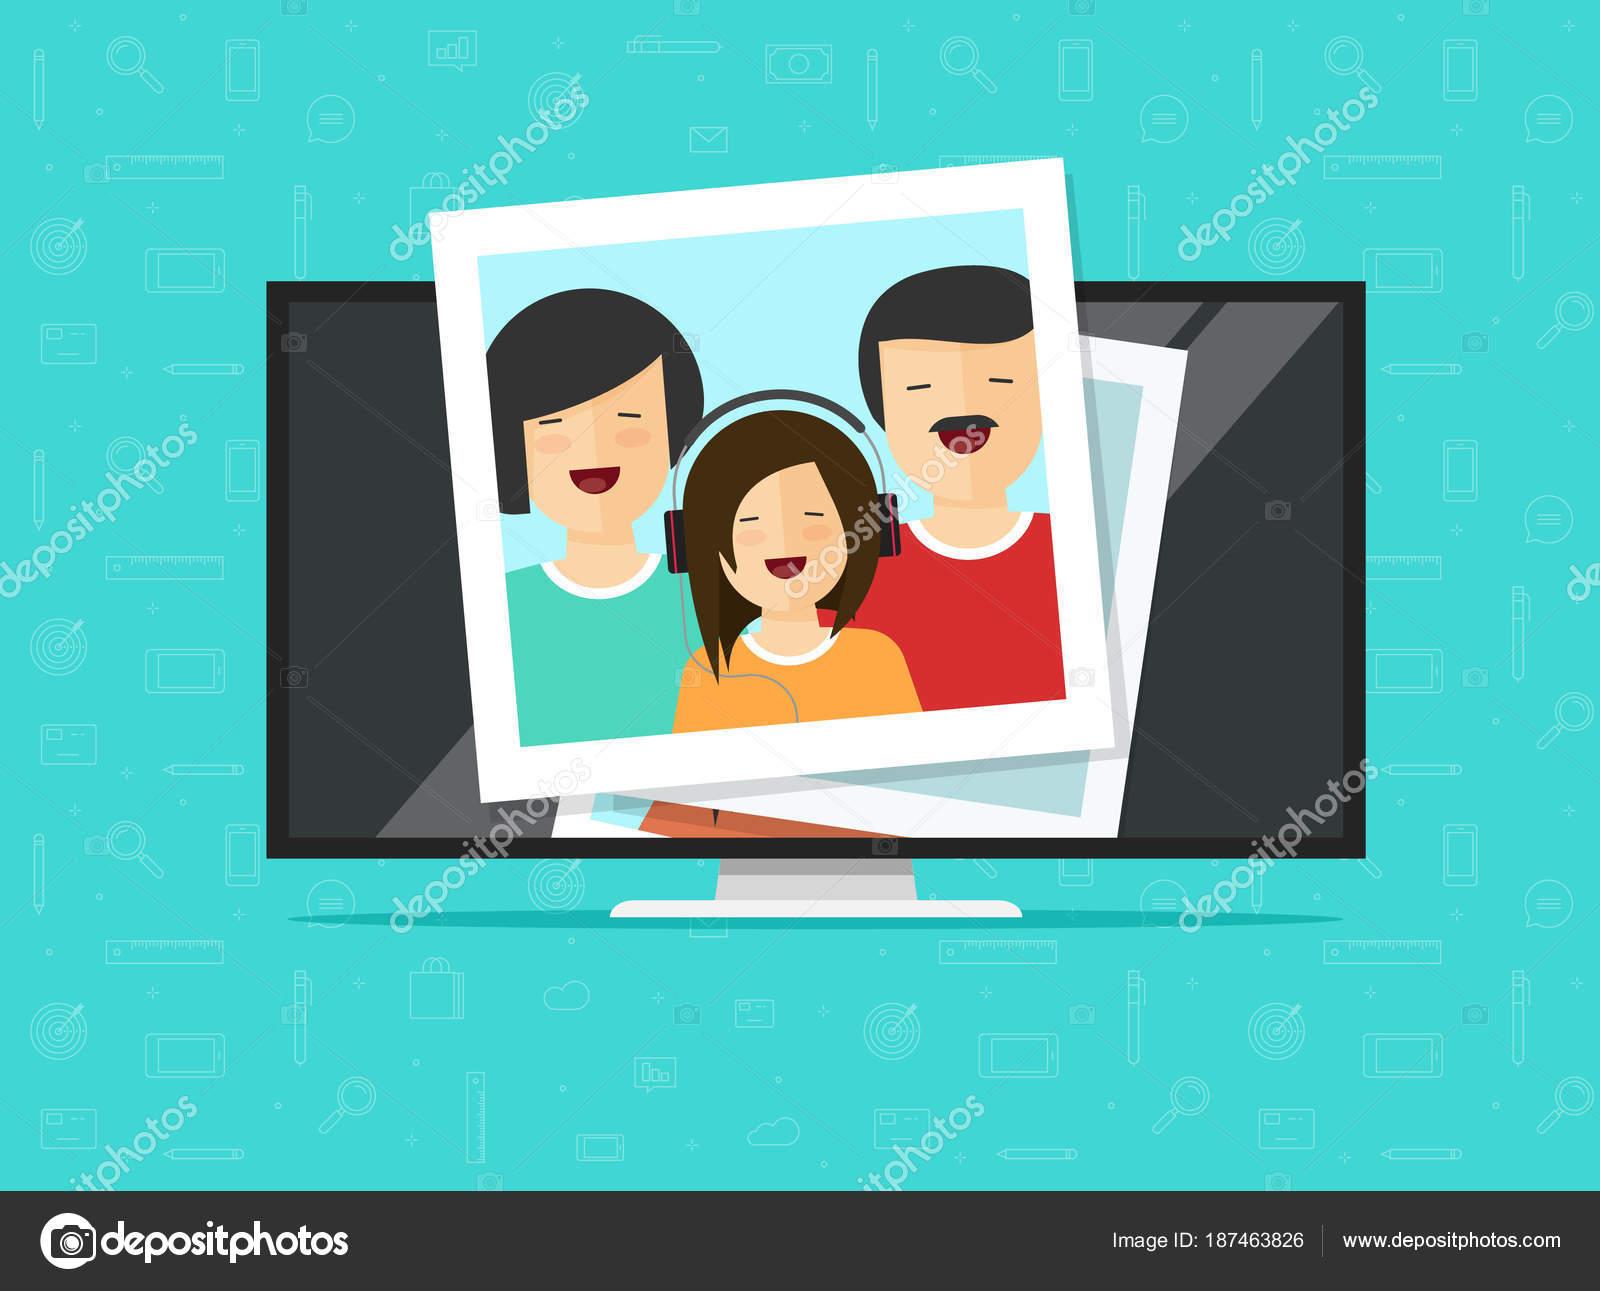 テレビ薄型写真カードとベクトル イラスト、フラット漫画コンピューター